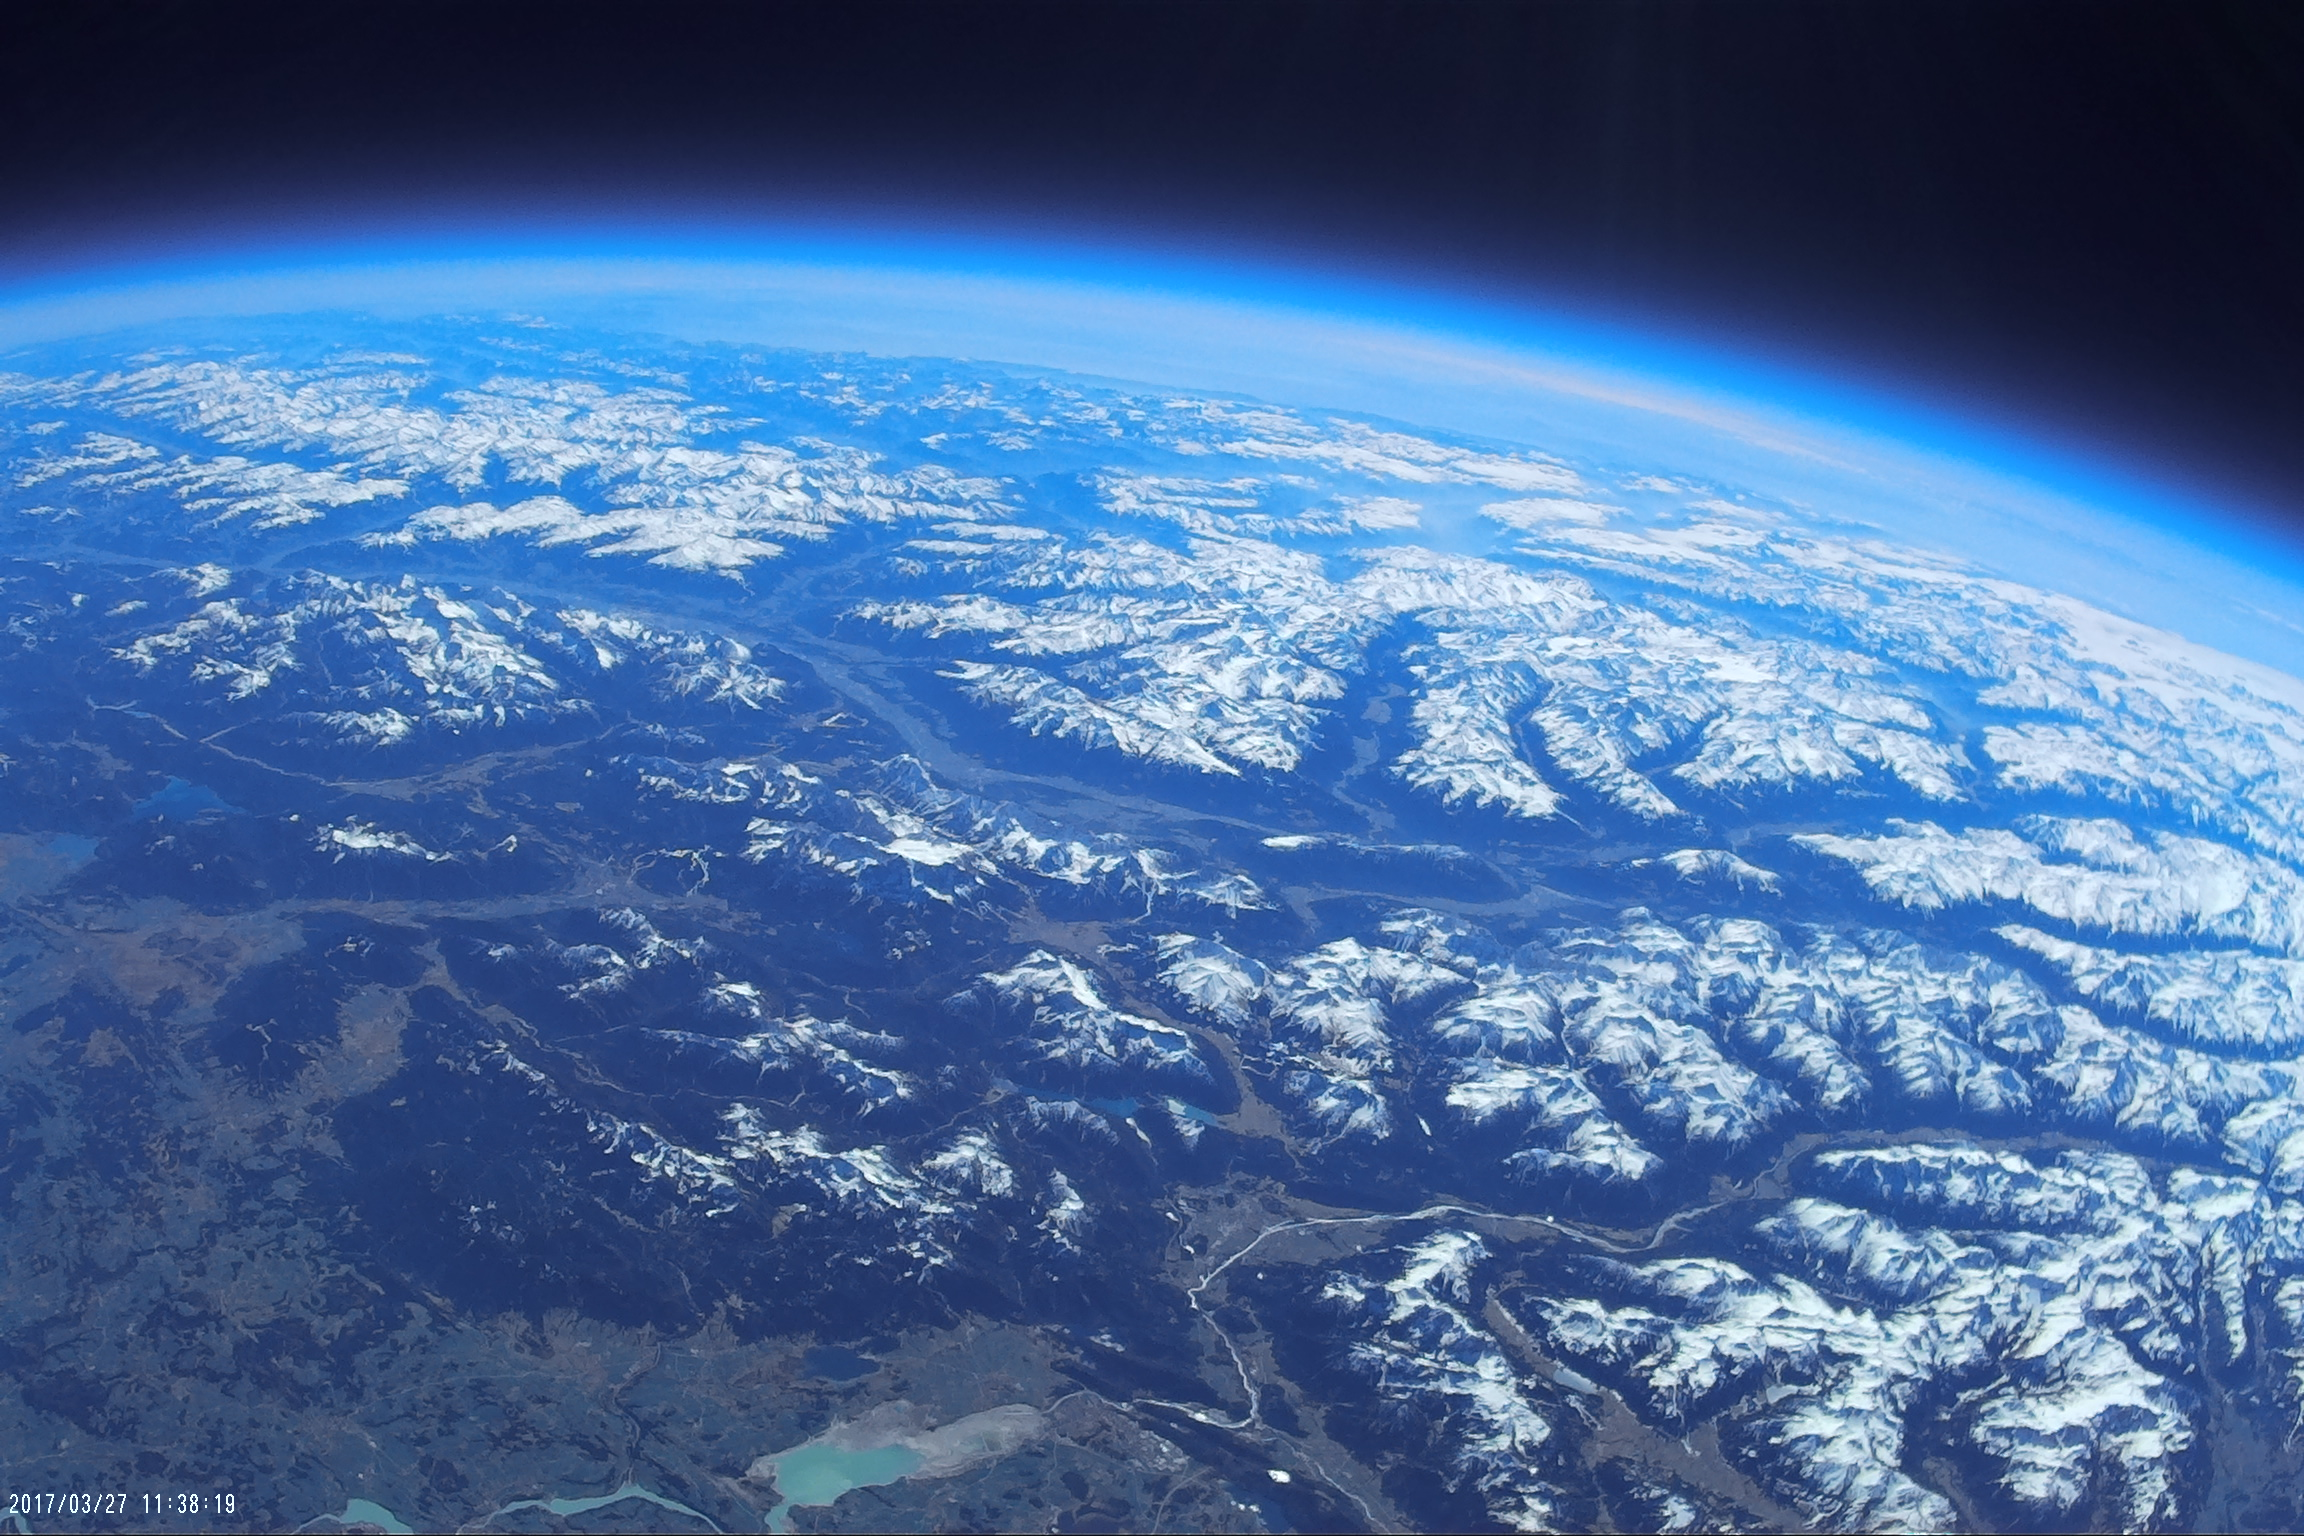 Blick auf die Erde vom Stratosphärenballon aus.